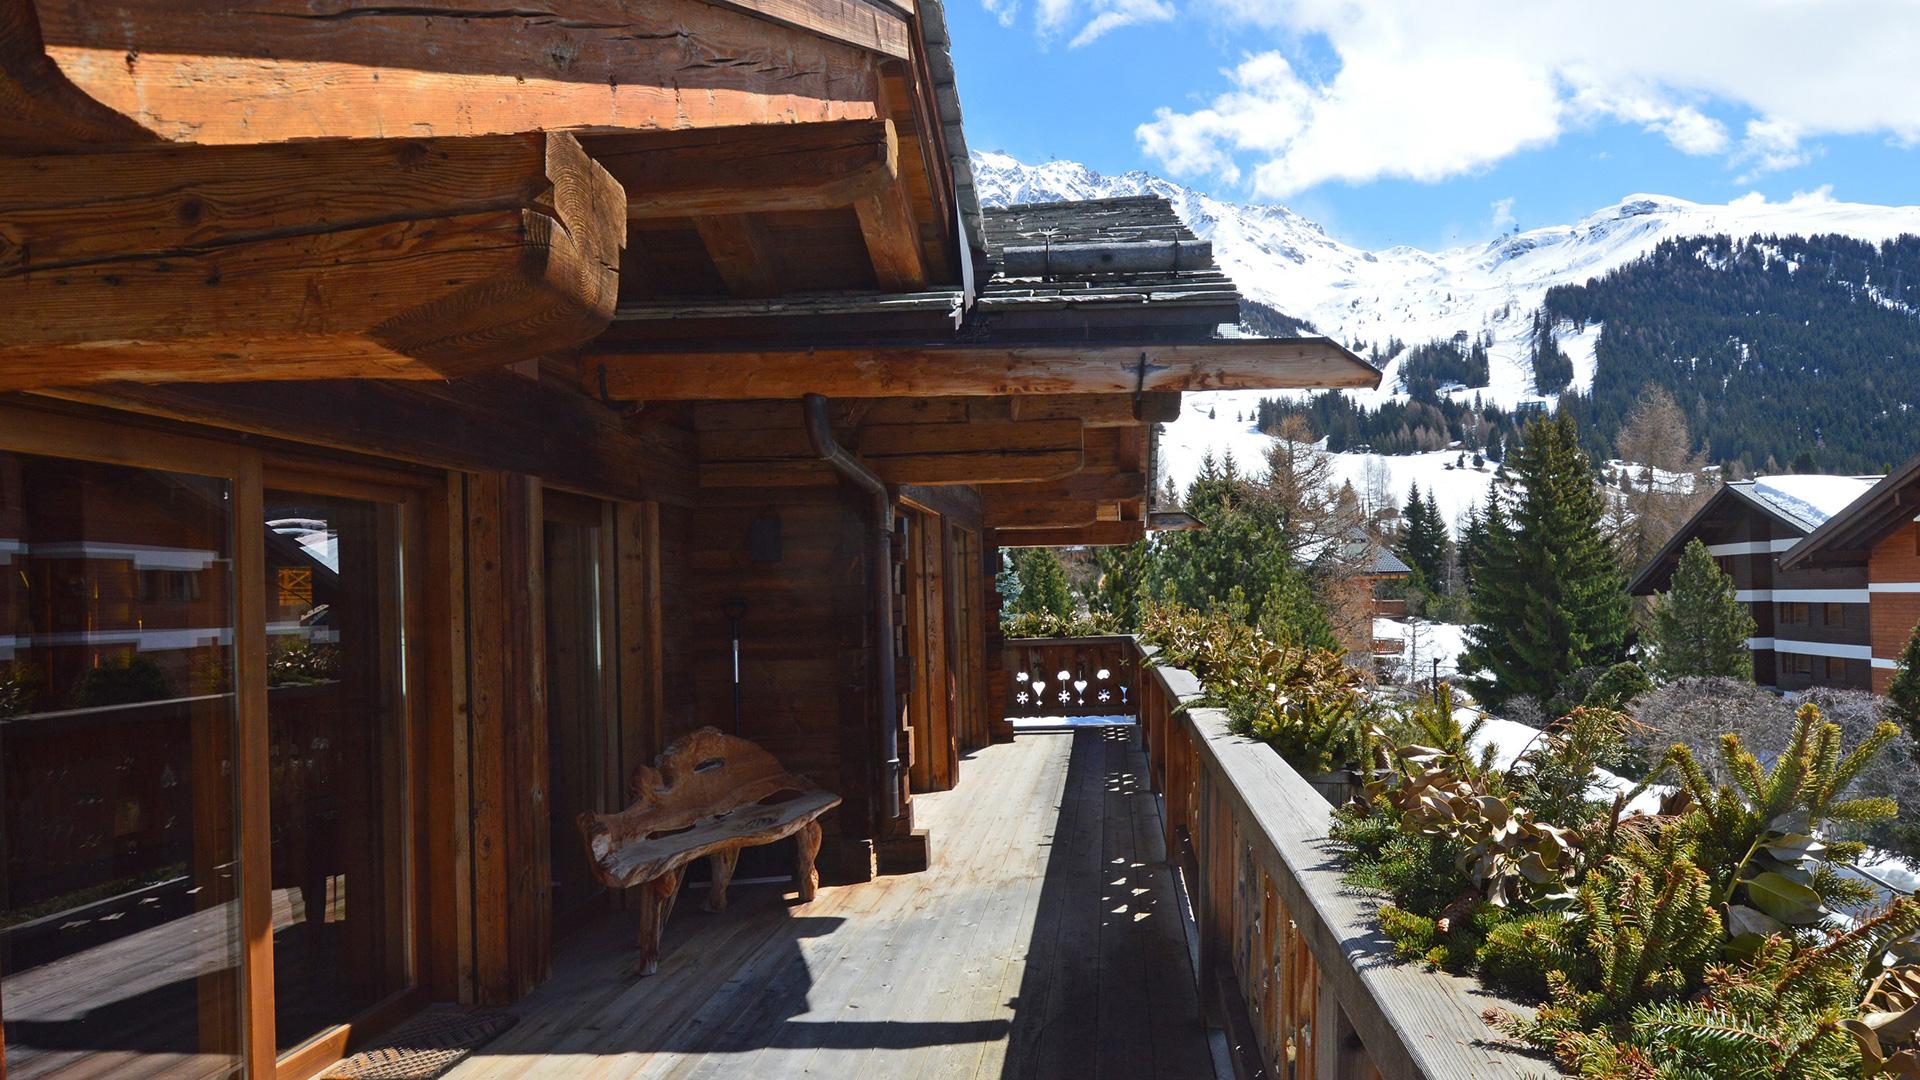 Chalet Shatoosh Chalet, Switzerland